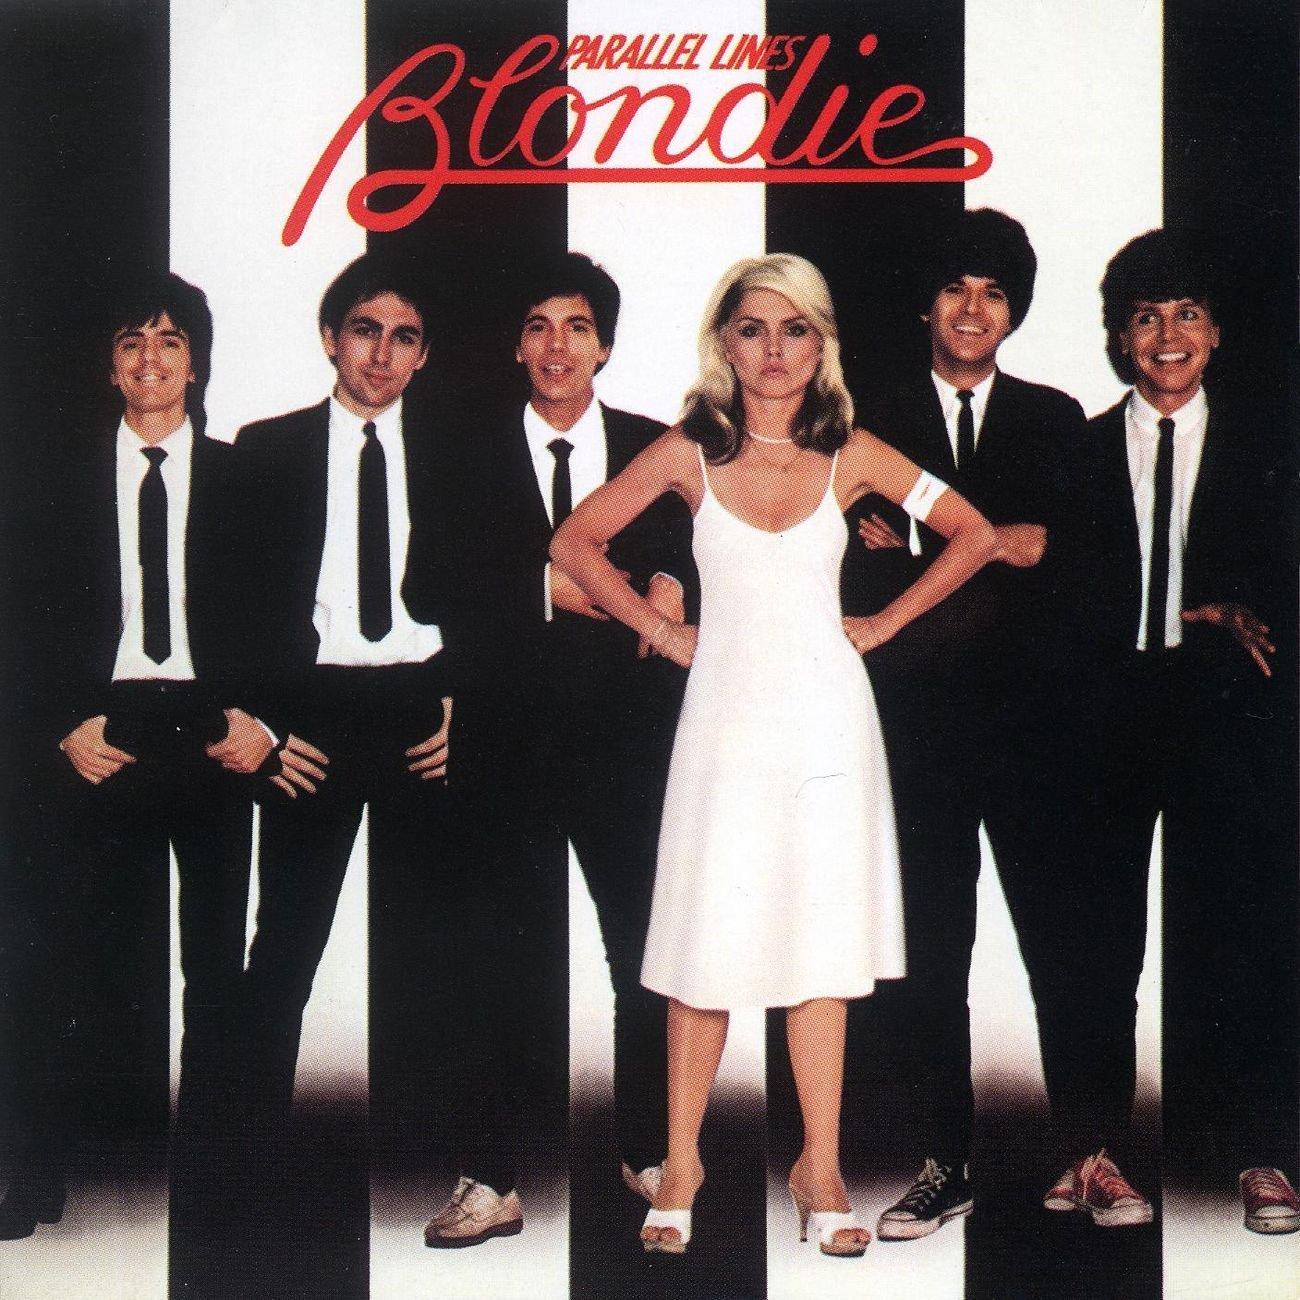 ¿Qué estáis escuchando ahora? - Página 2 Blondie-parallel-lines